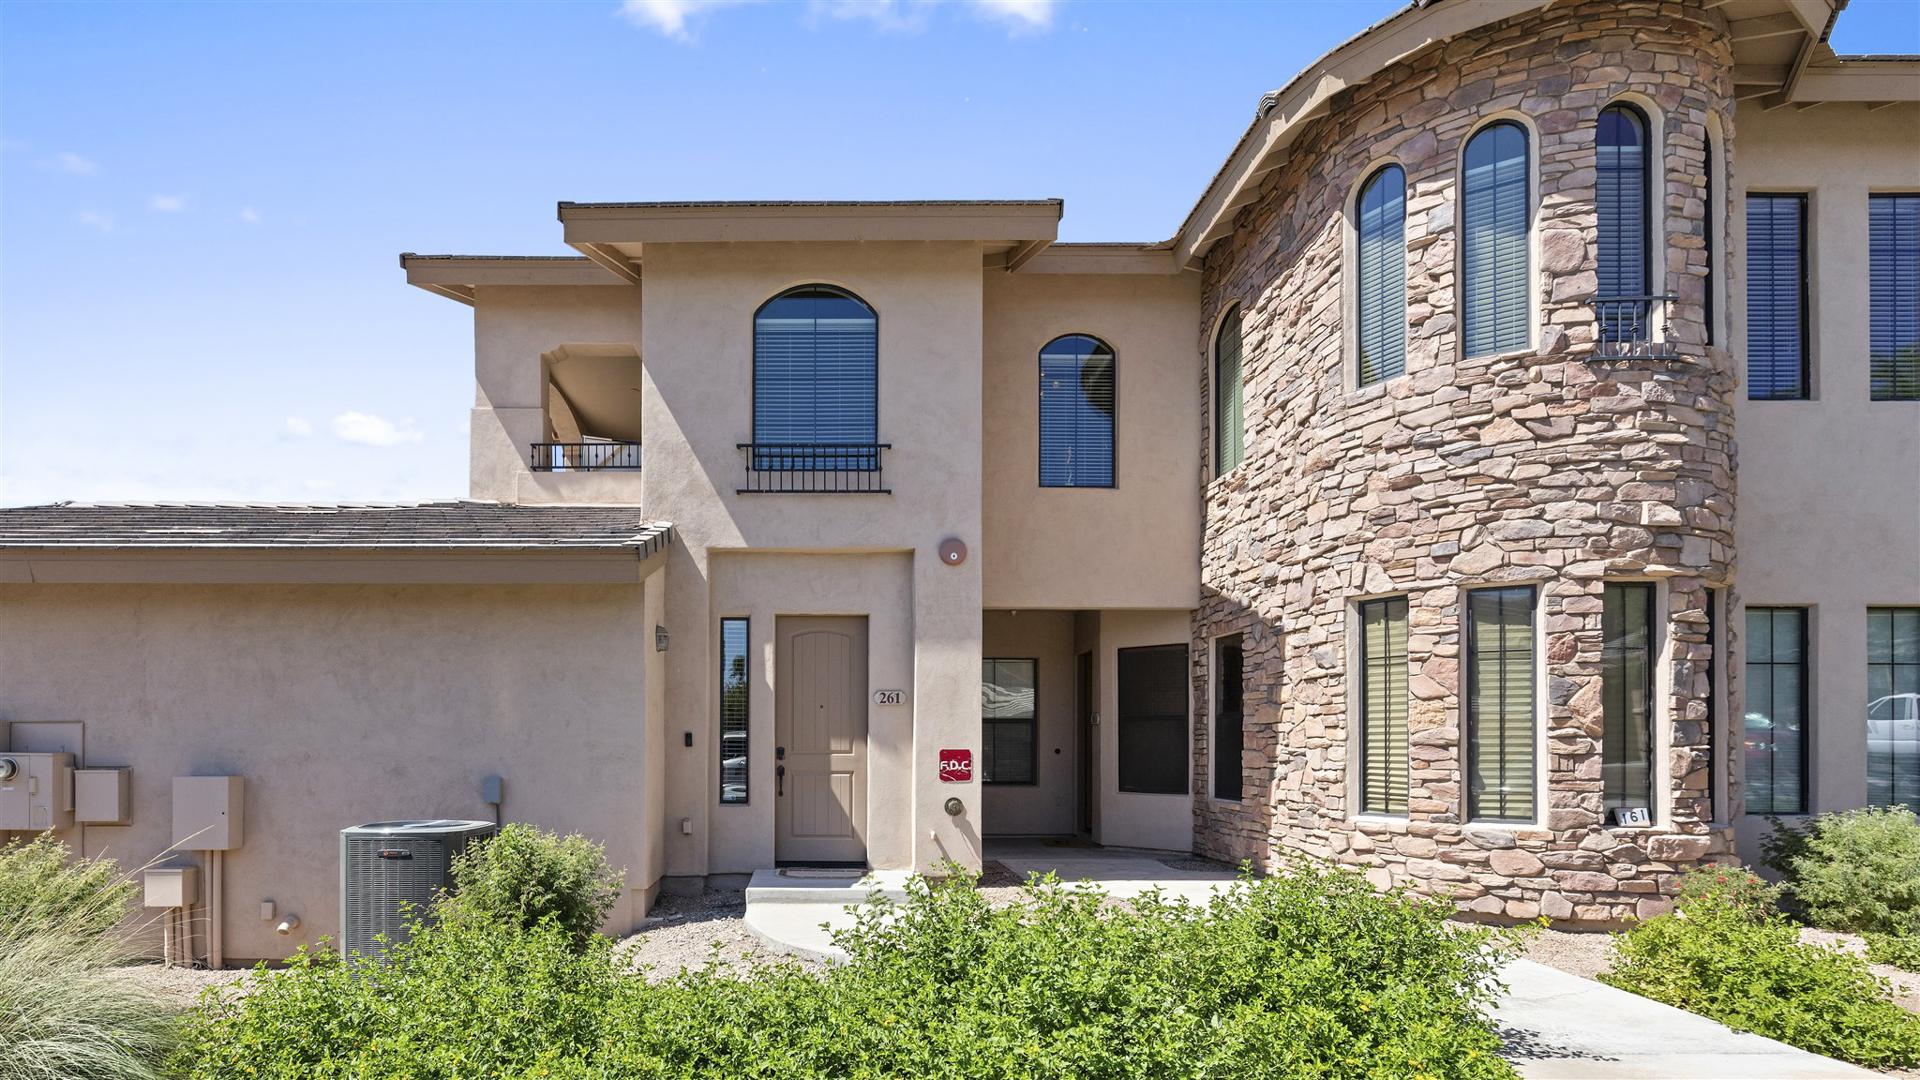 HOT LISTING - 15550 S 5th Ave, #261, Phoenix, AZ 85045 - Vantage | Amy Jones Group